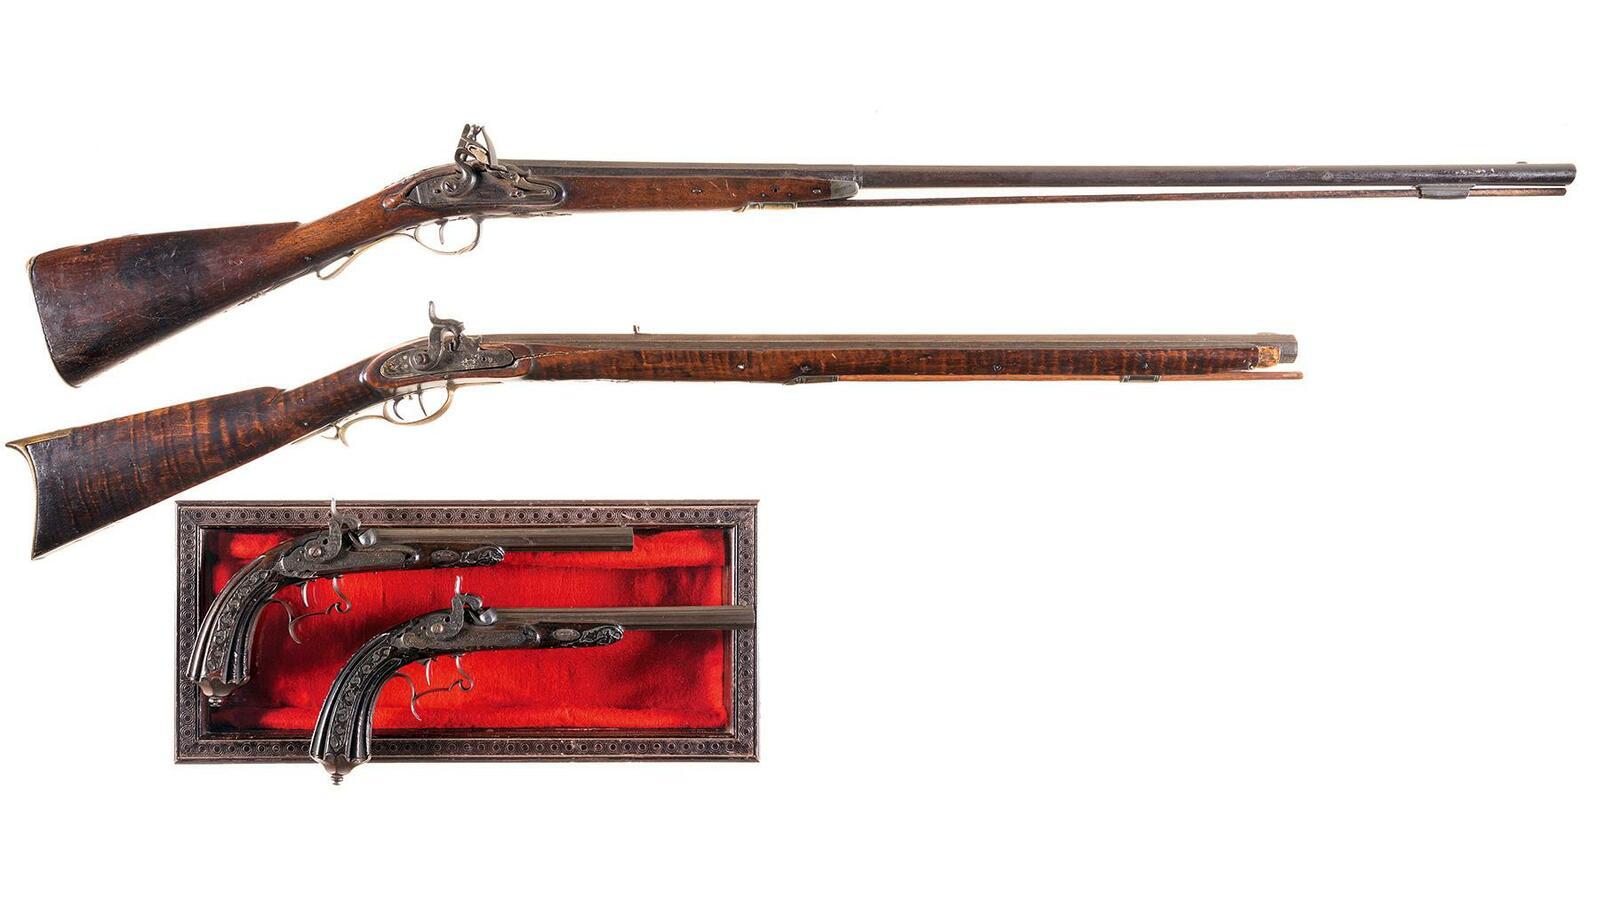 Four Antique Muzzle Loading Firearms